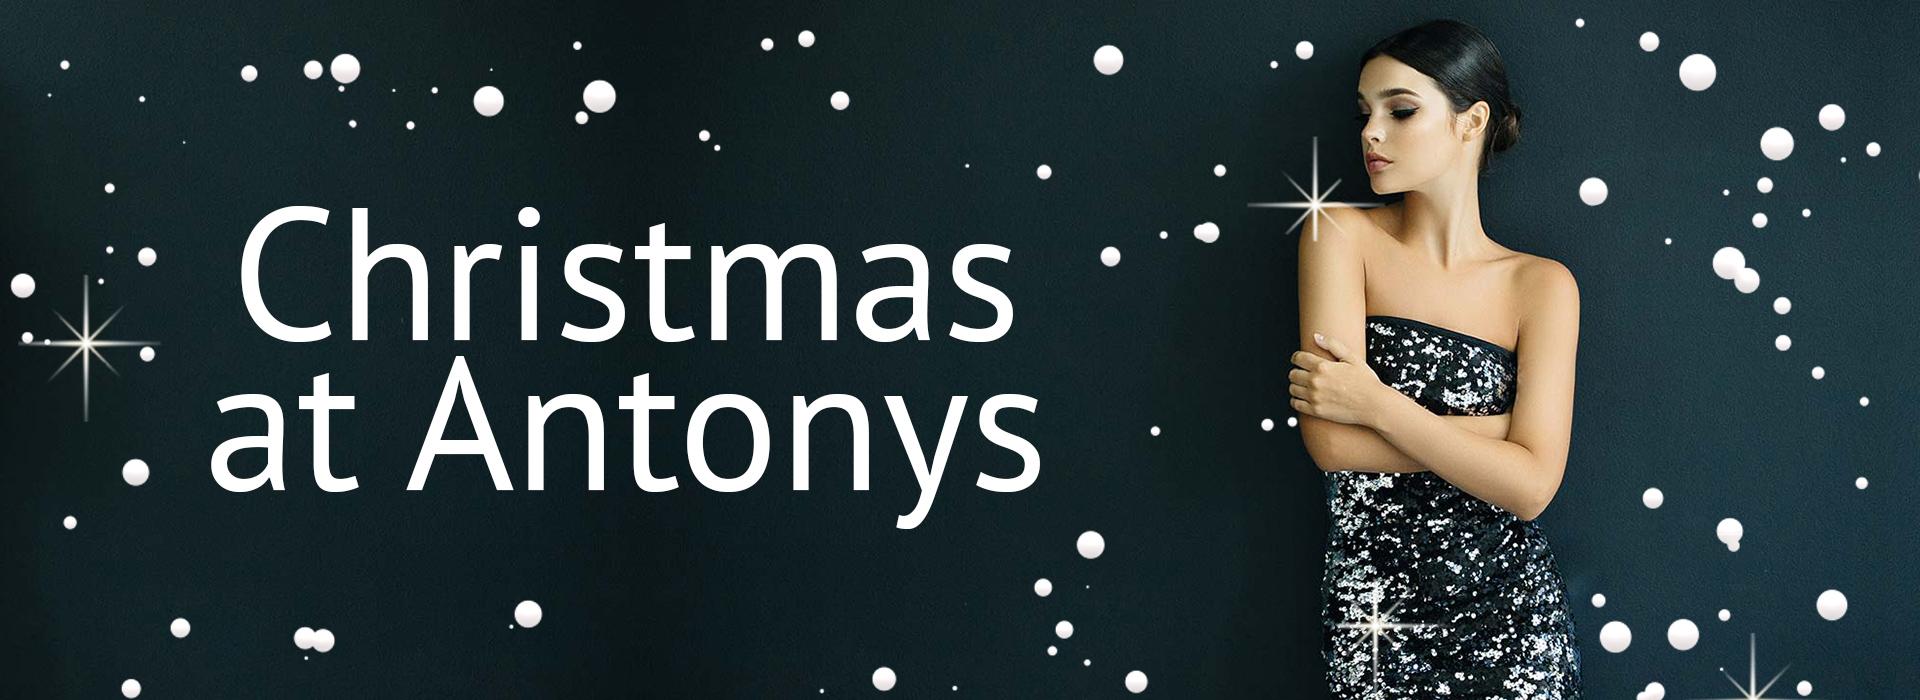 Christmas at Antony's